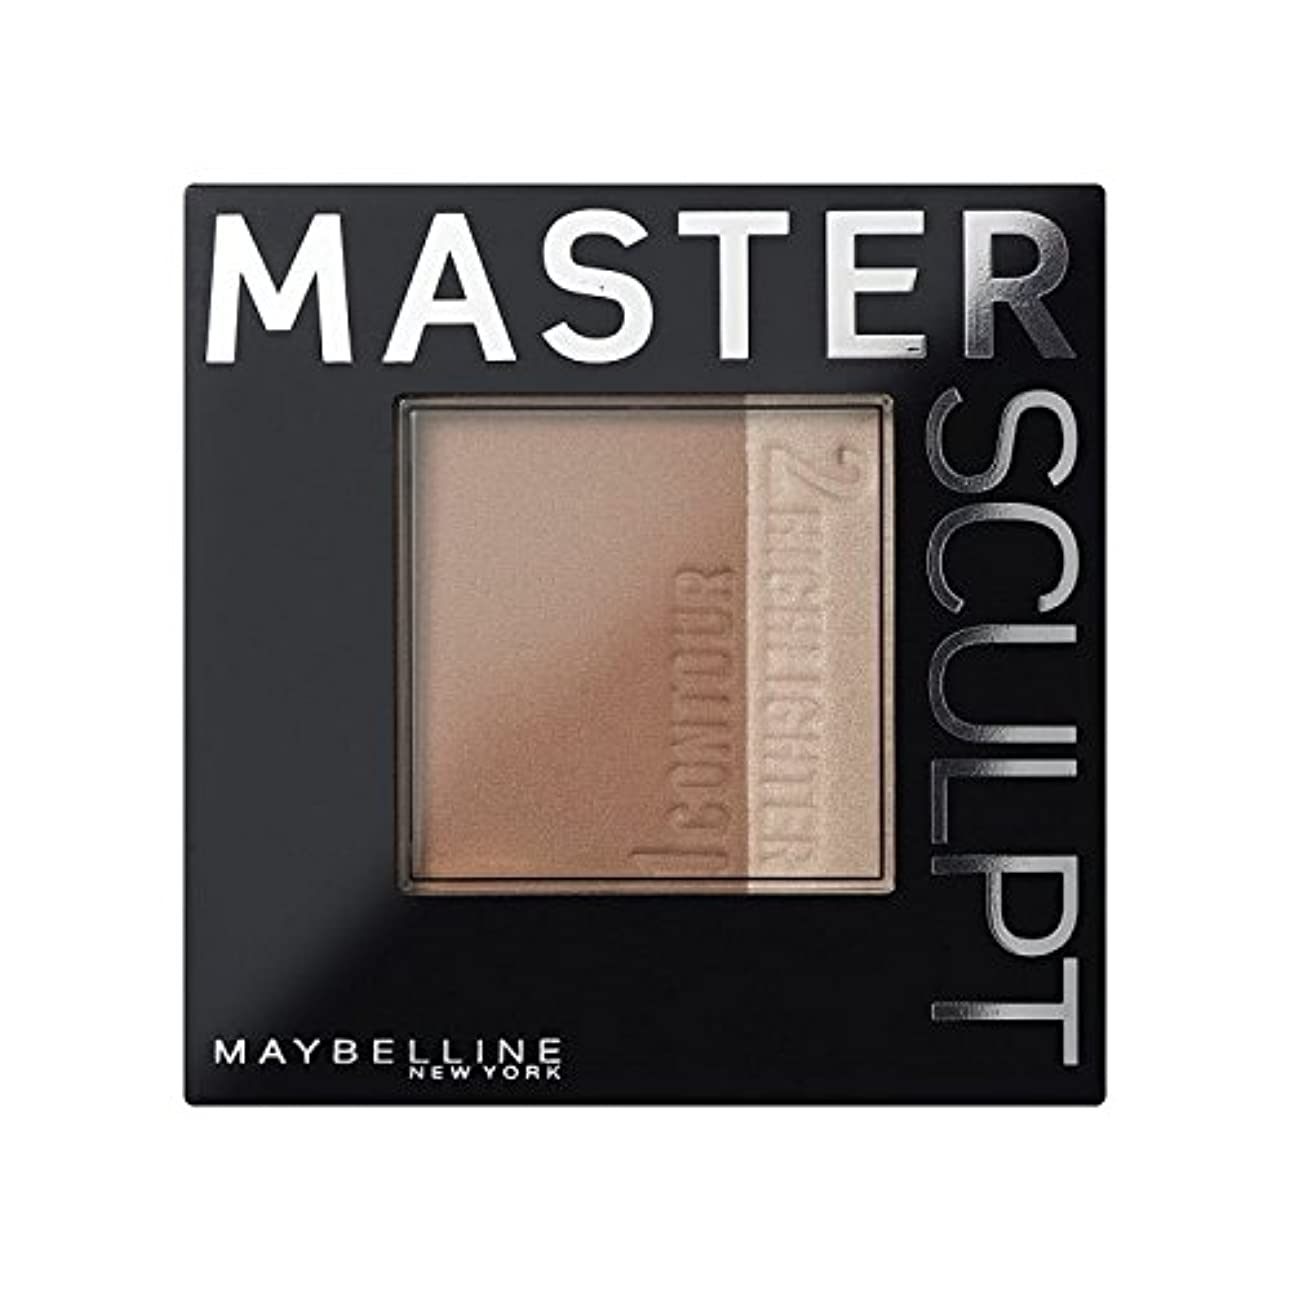 幹読書をする添加メイベリンマスタースカルプト基盤02の /暗い輪郭 x4 - Maybelline Master Sculpt Contouring Foundation 02 Med/Dark (Pack of 4) [並行輸入品]